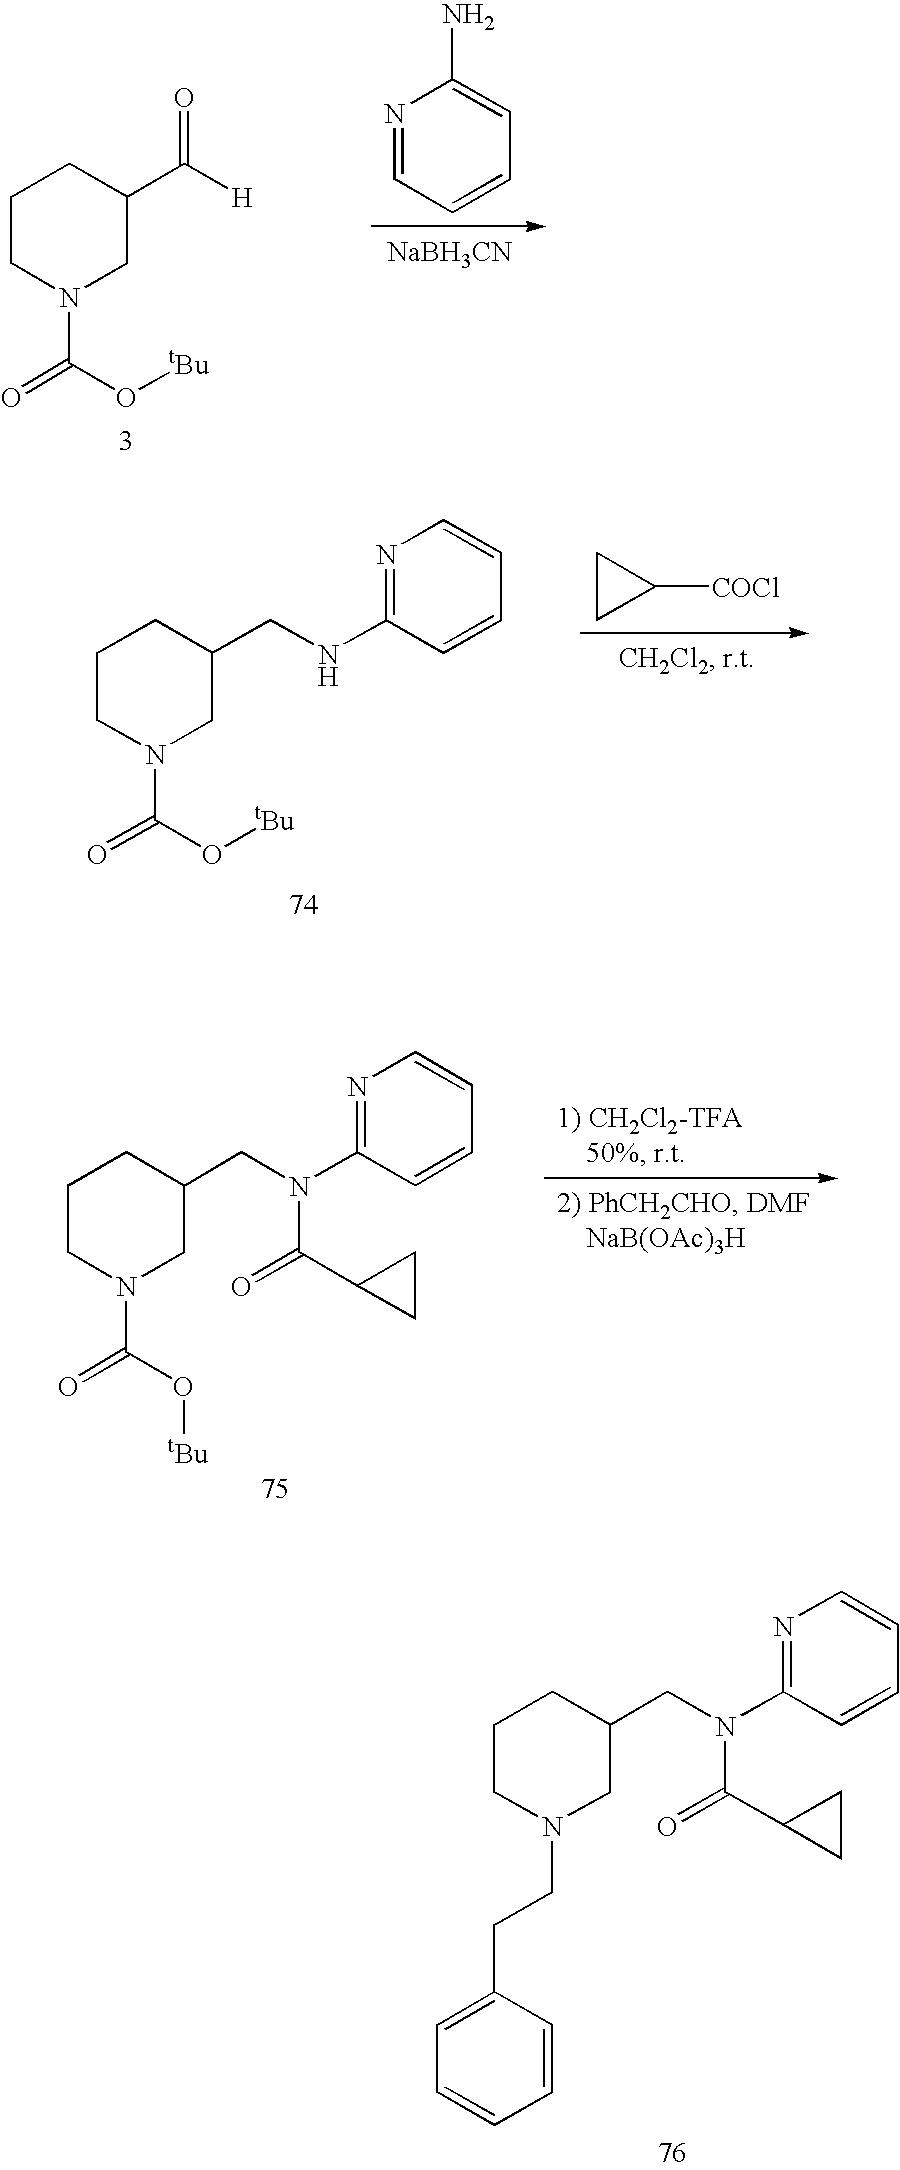 Figure US06677332-20040113-C00066